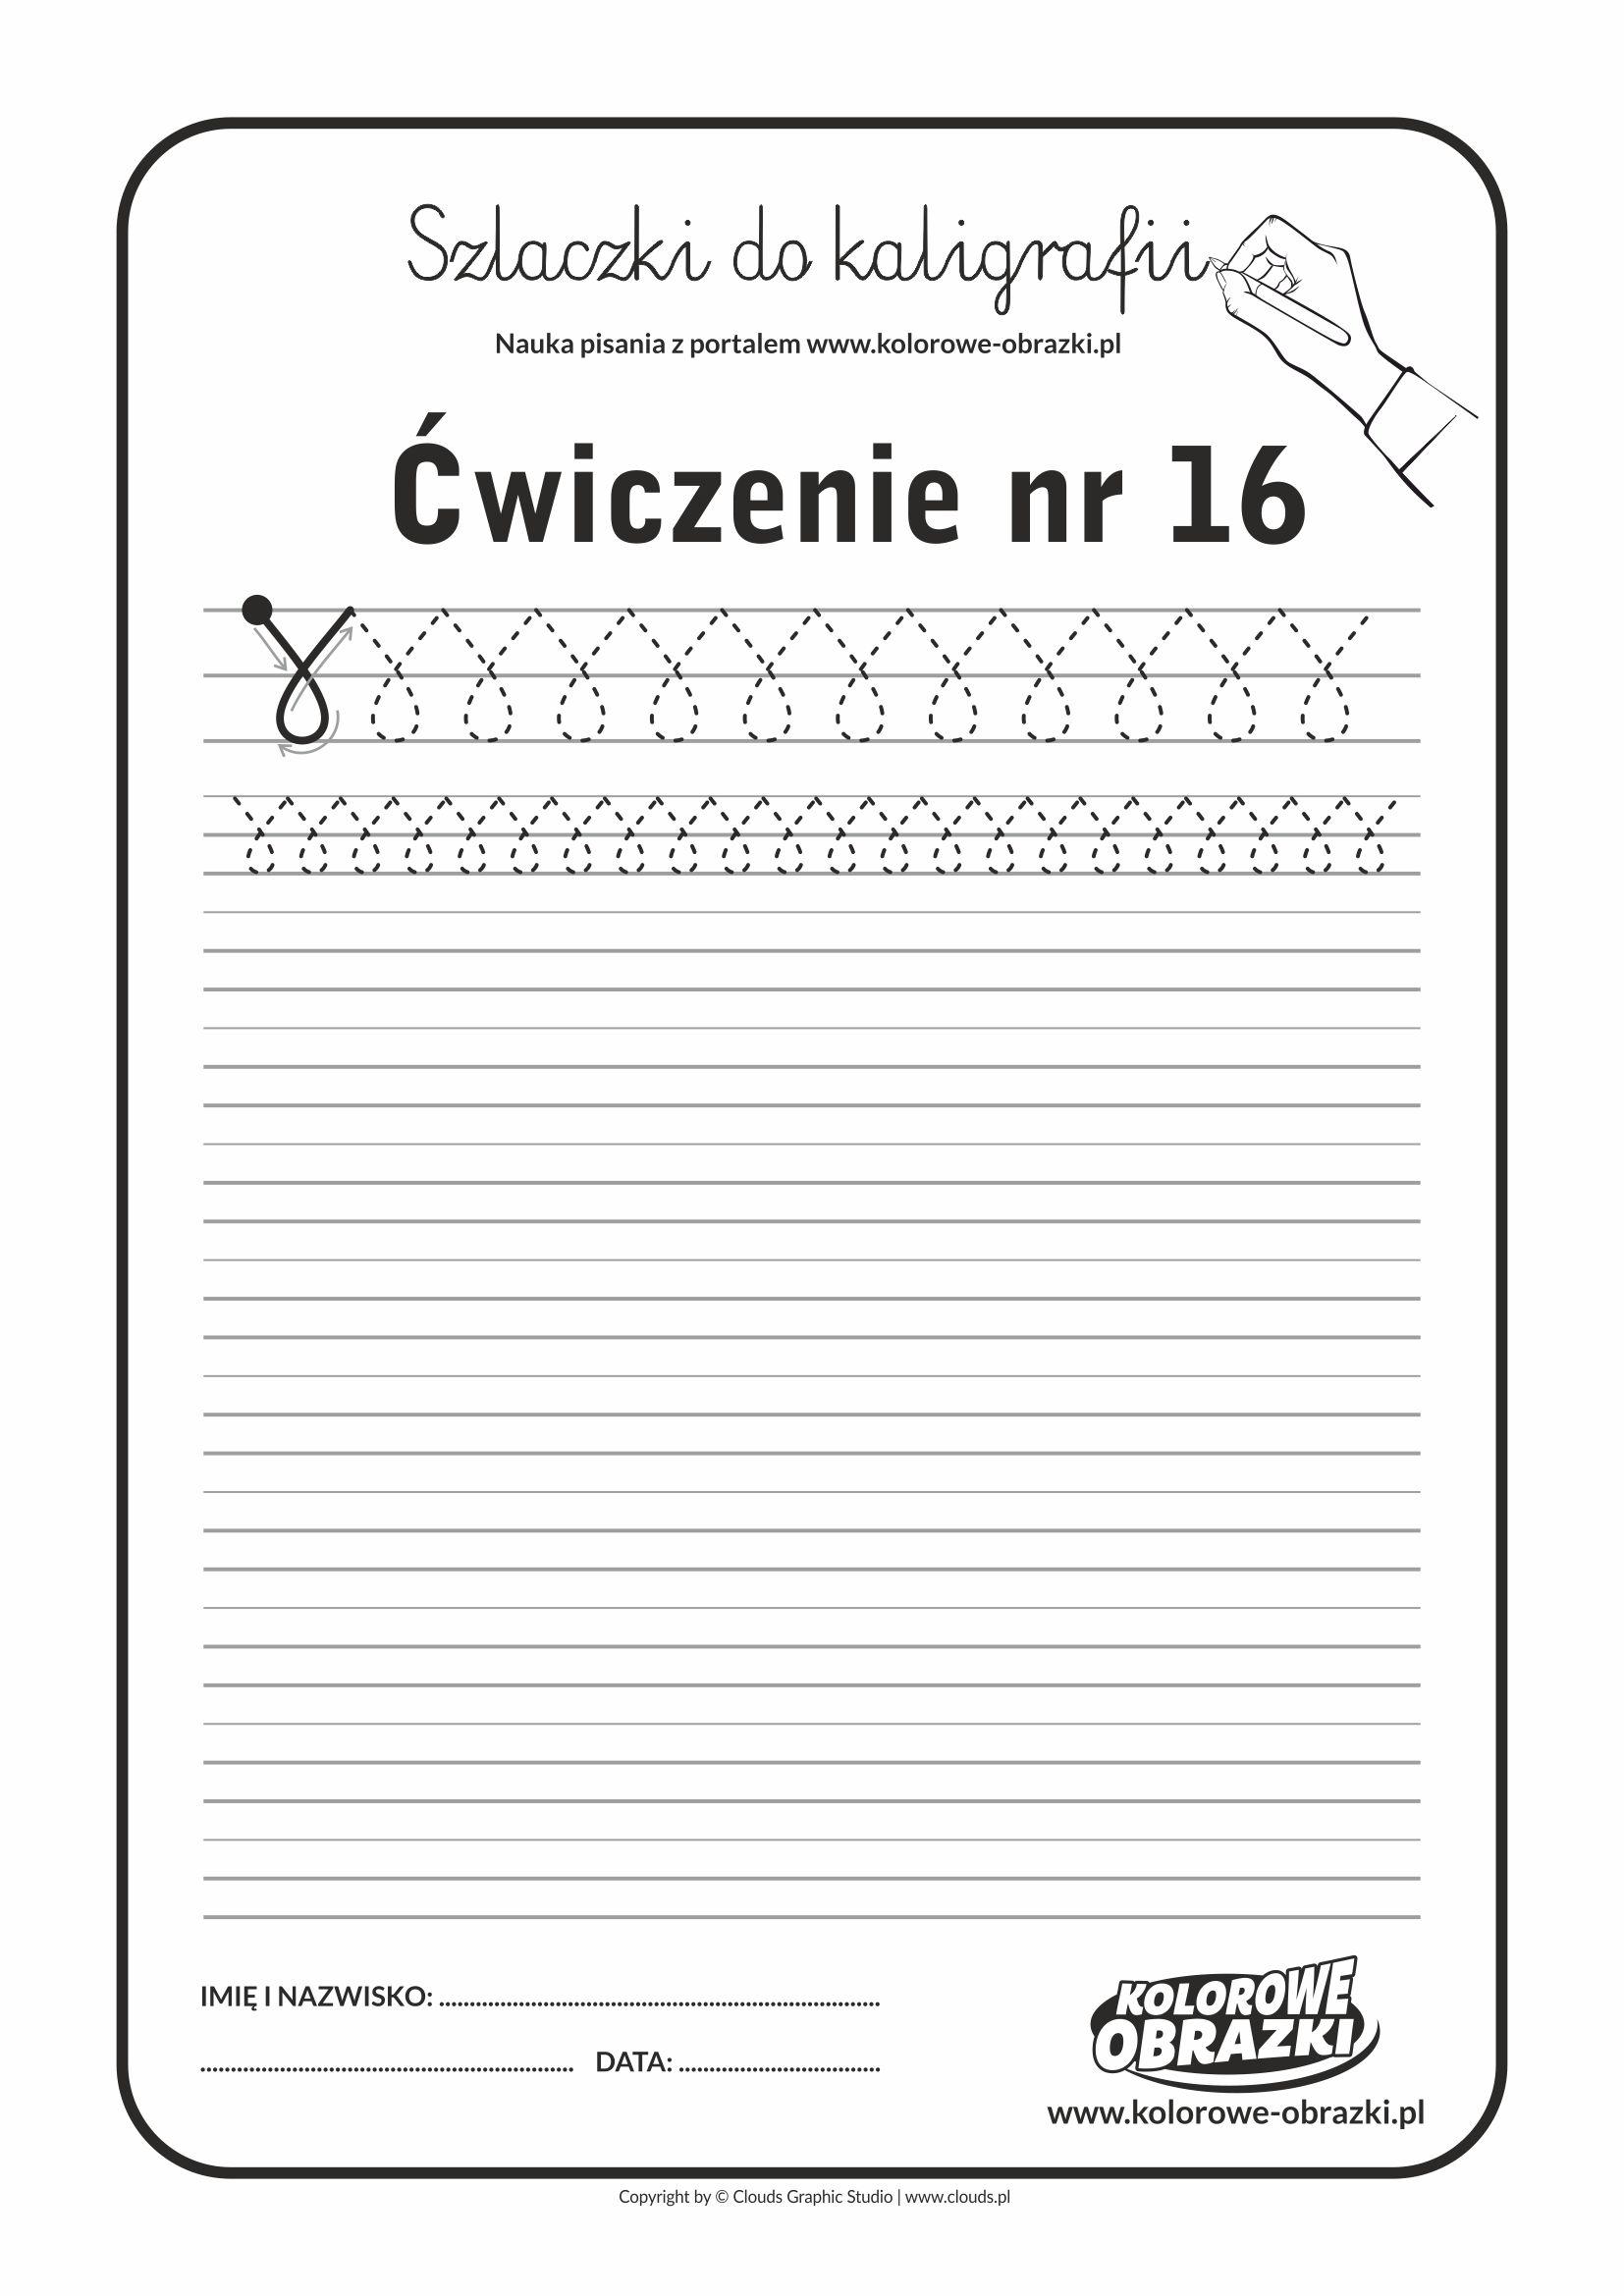 Kaligrafia dla dzieci - Ćwiczenia kaligraficzne / Szlaczki / Ćwiczenie nr 16